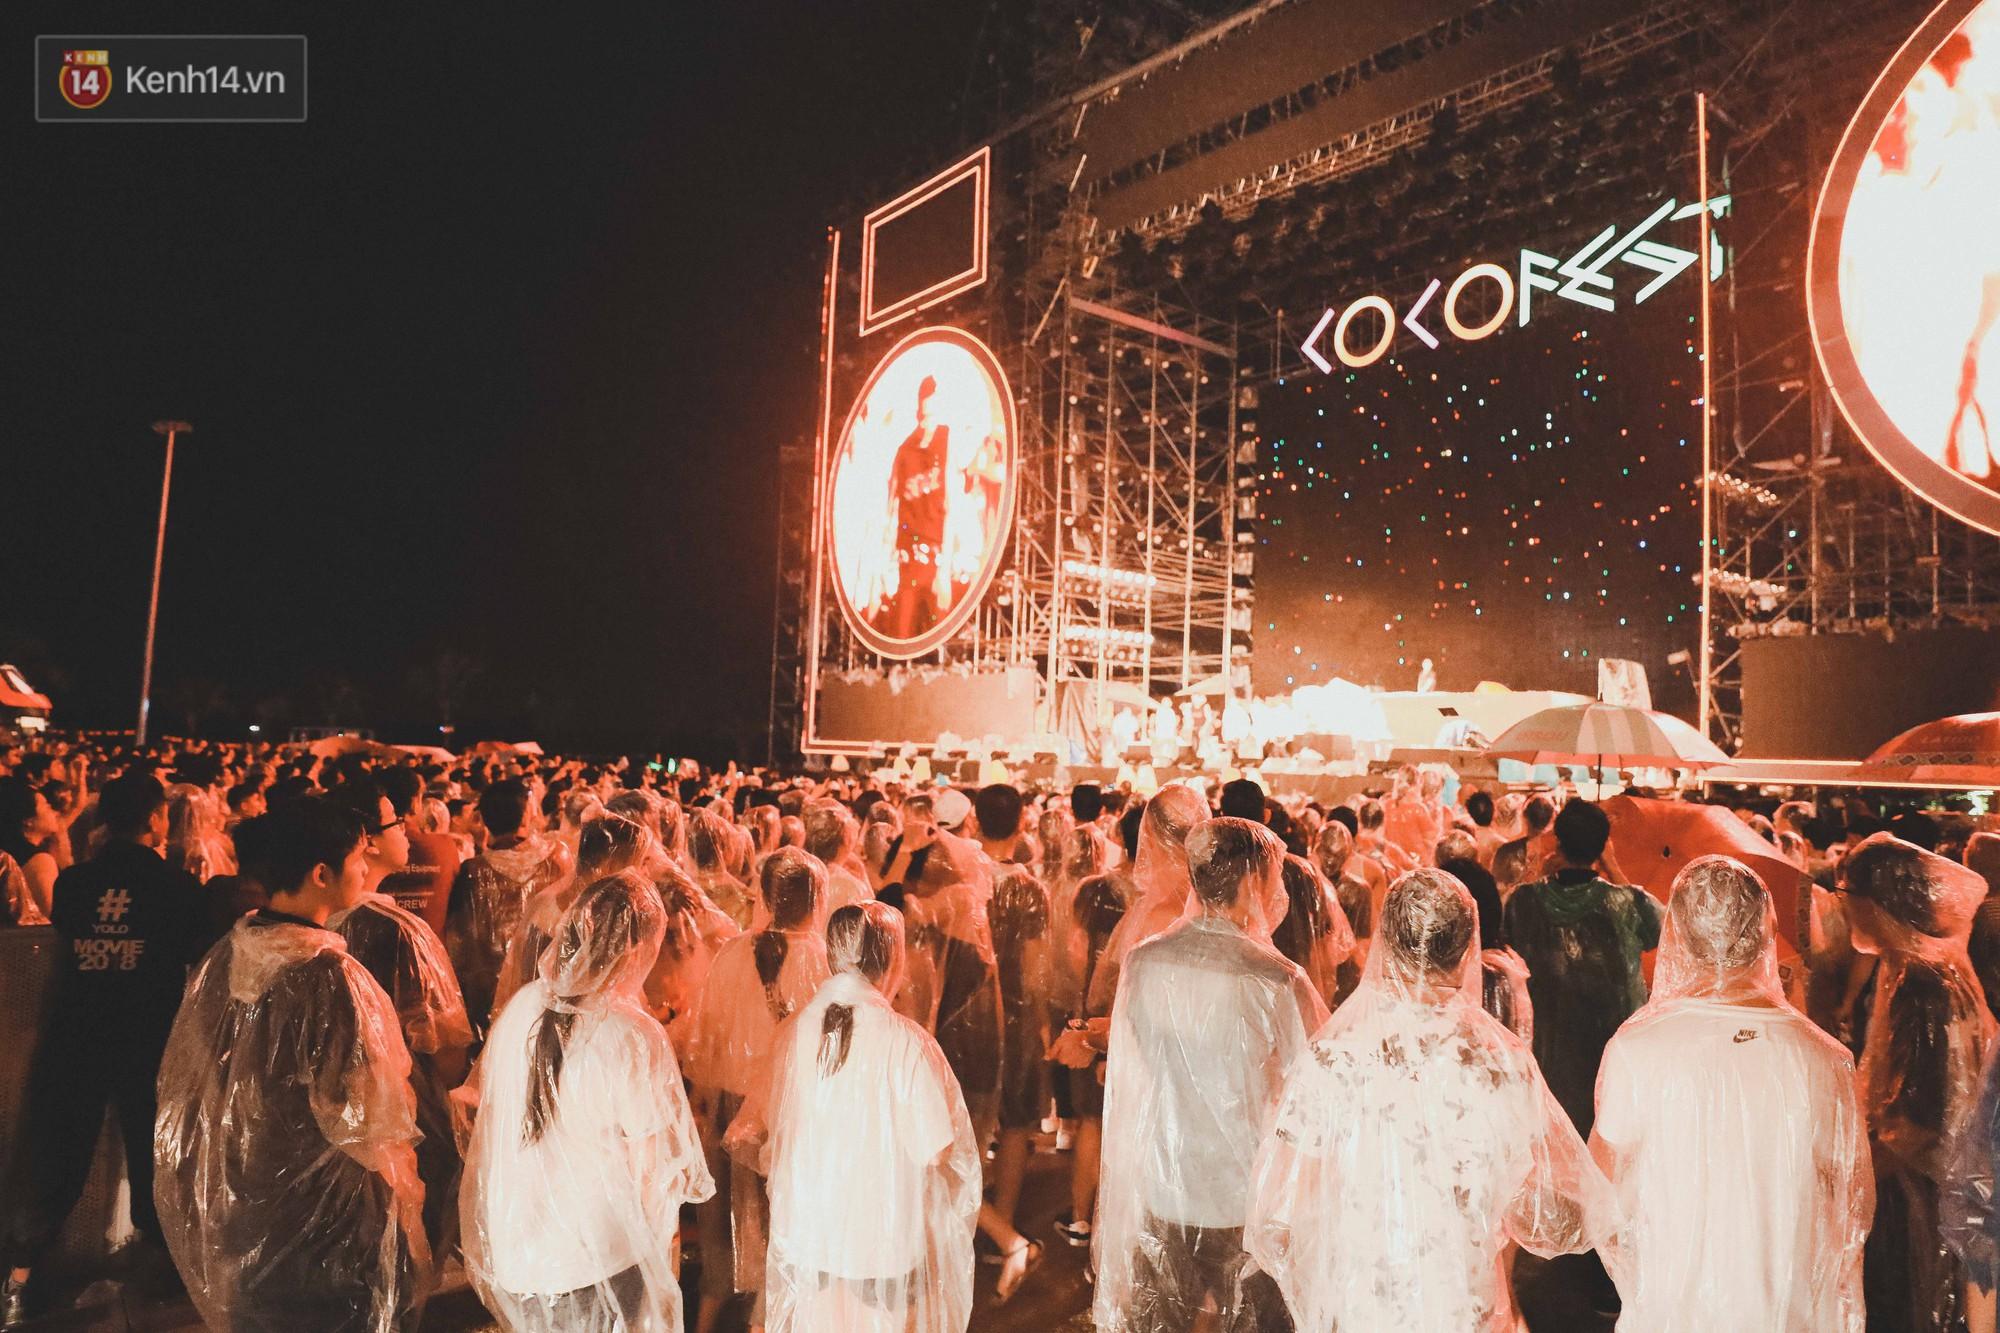 Chủ nhân hit Despacito cùng Đông Nhi, SpaceSpeakers... thổi bùng lễ hội âm nhạc Đà Nẵng mặc trời mưa lớn - Ảnh 4.